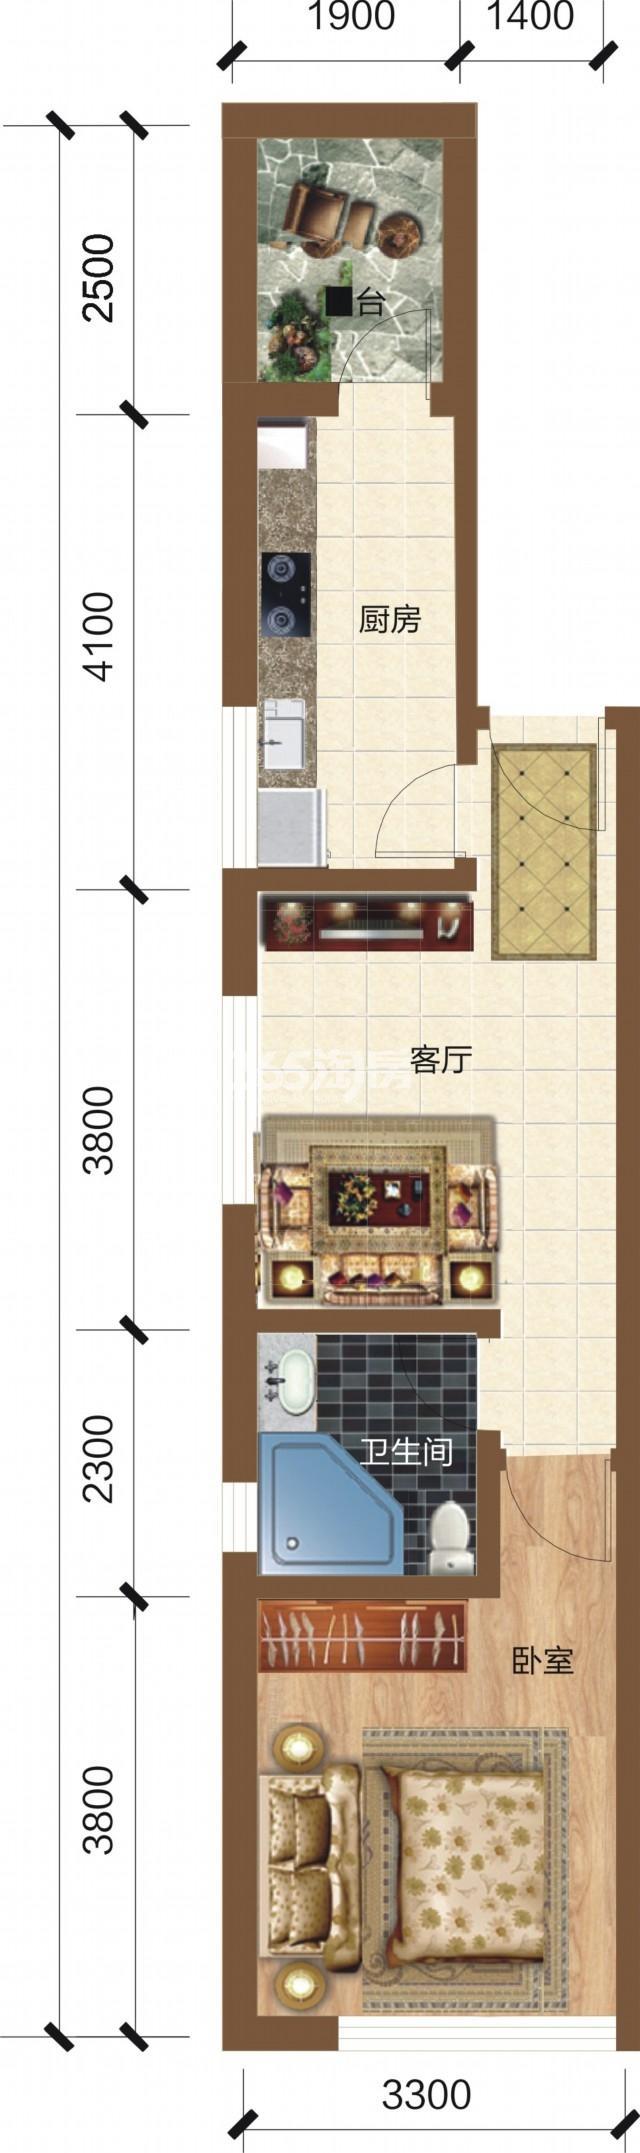 统一价房源6900元/㎡ 26-30楼层仅63套